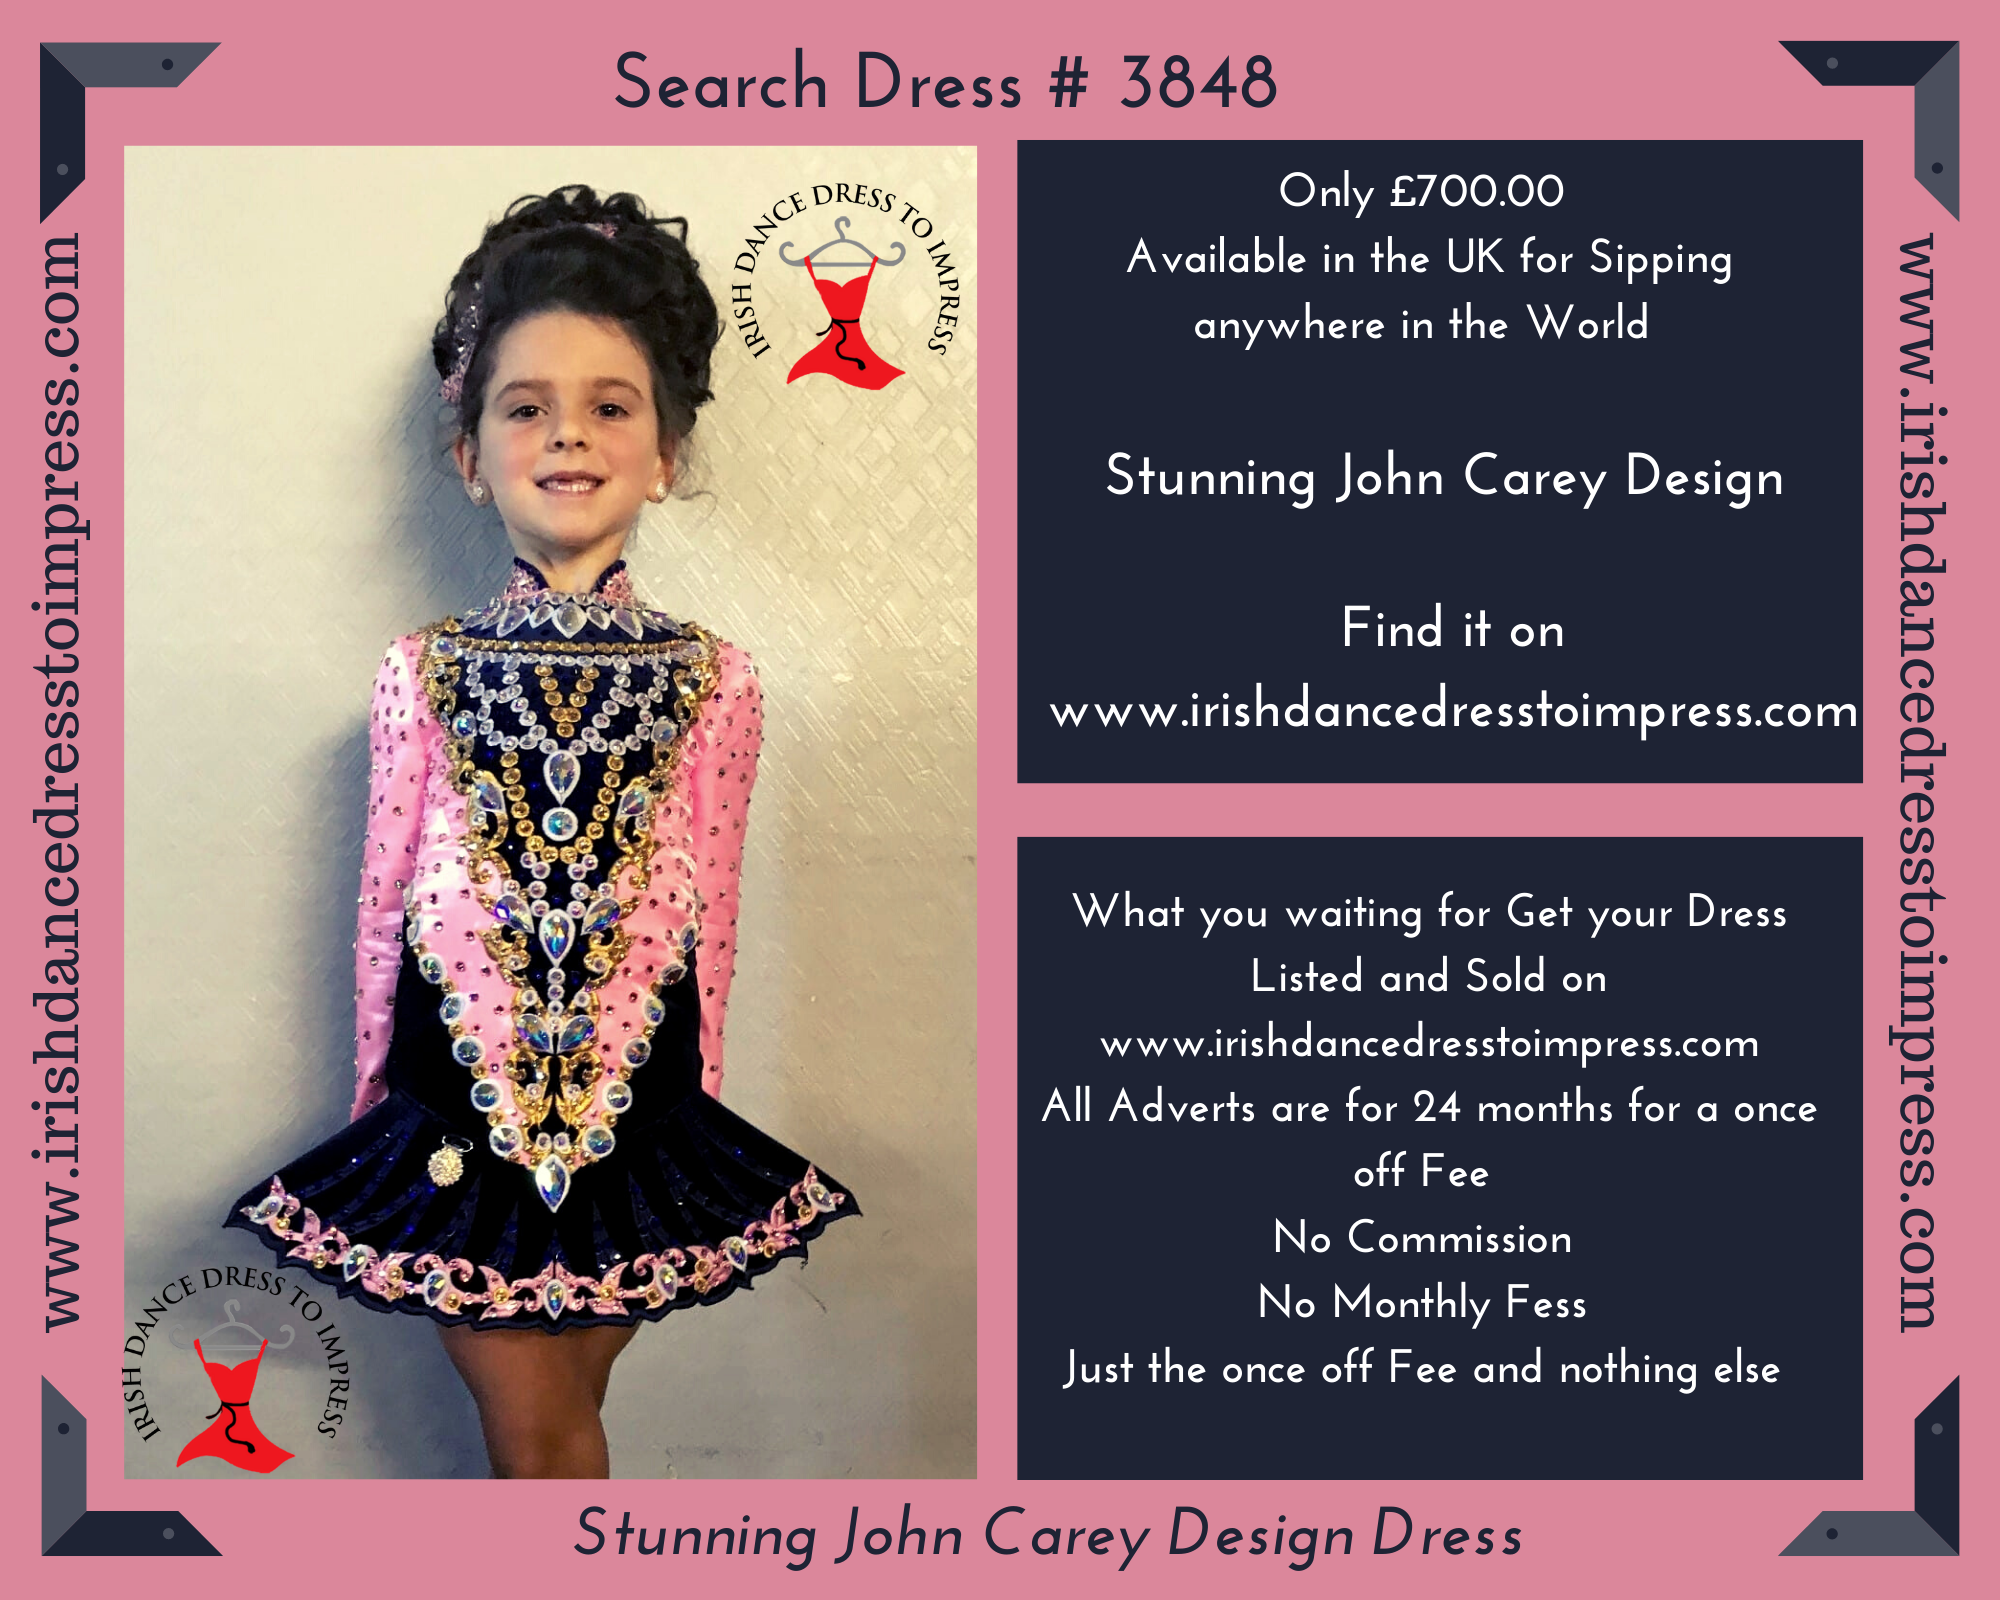 Dress #3848